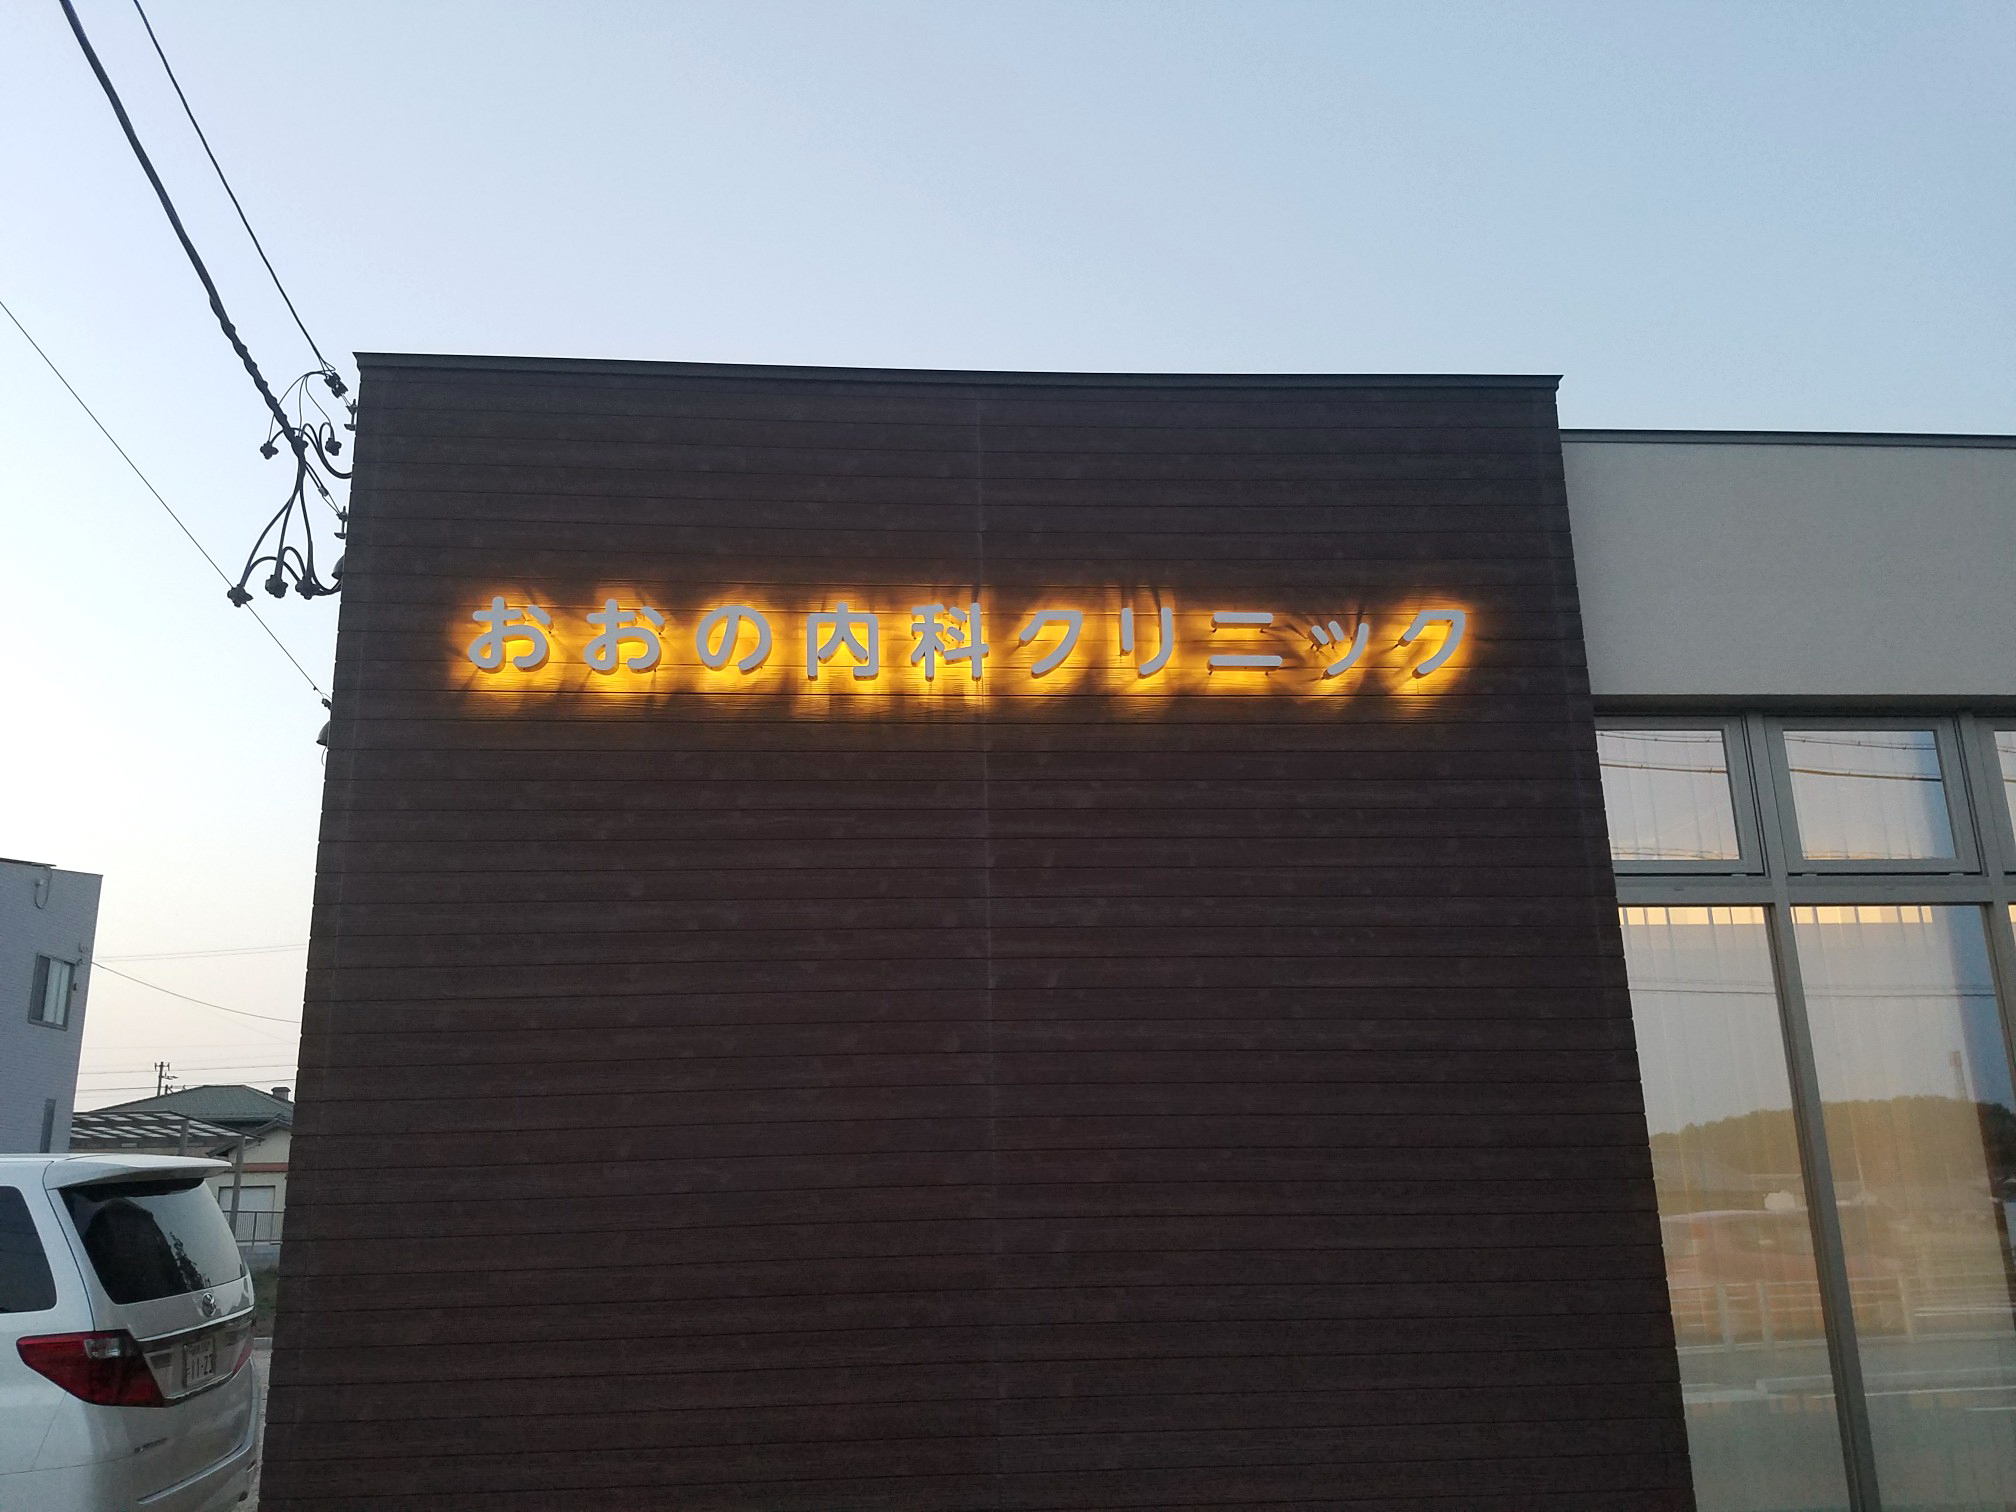 SUS箱文字(背面発光式)